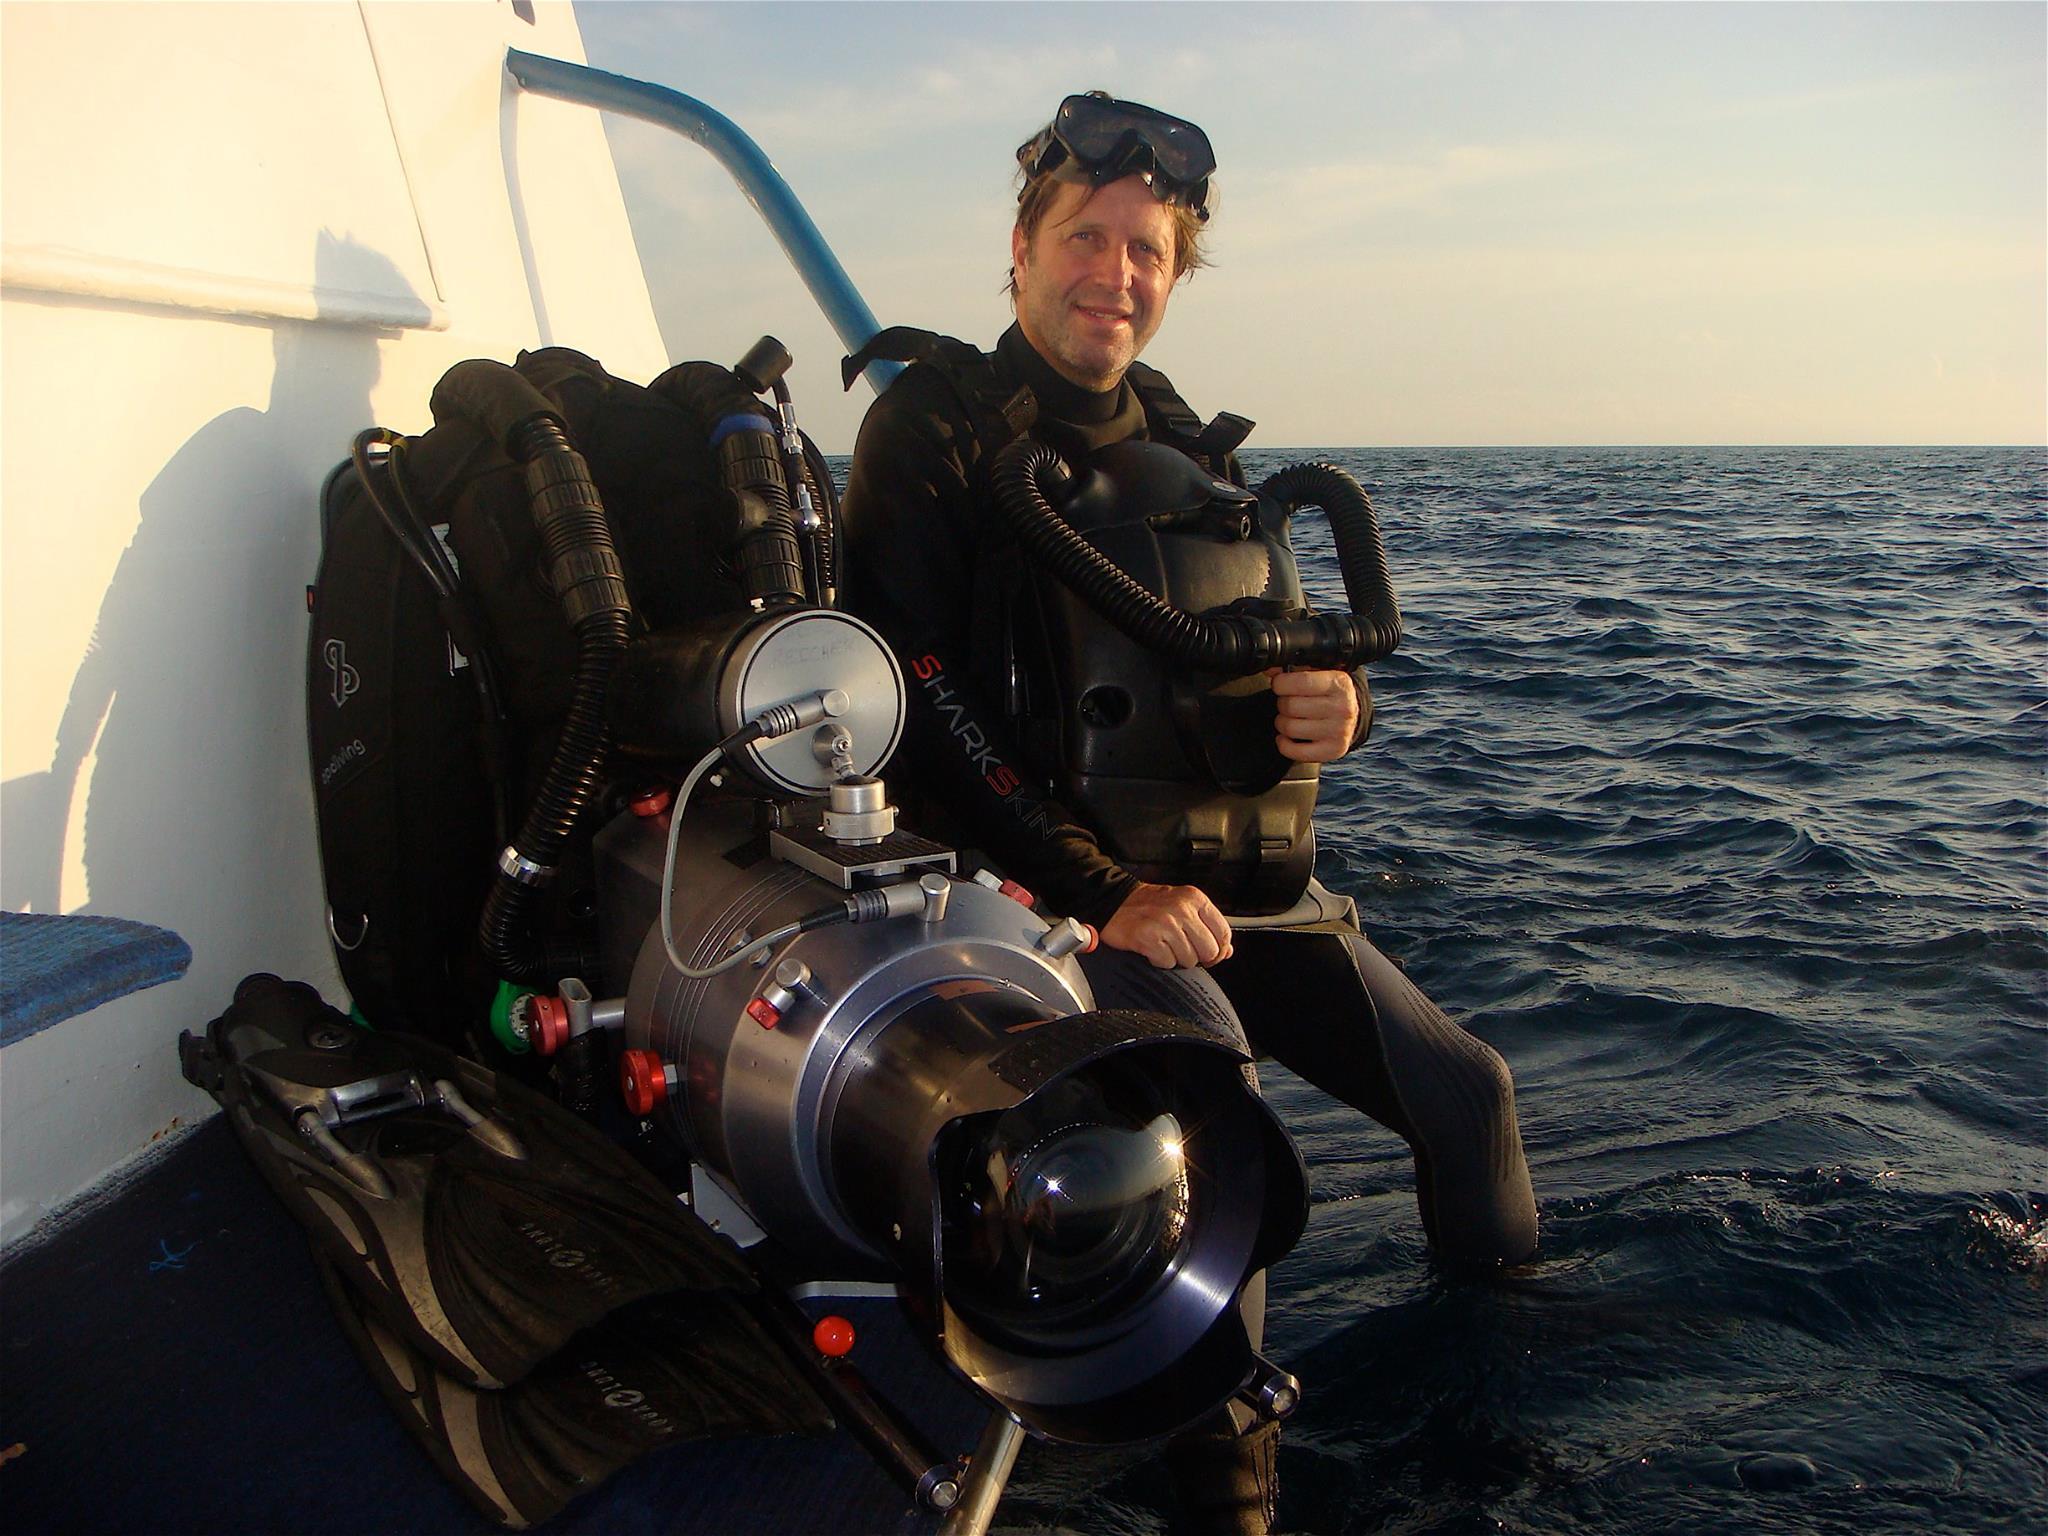 Mexique - Voyage plongée et stage vidéo avec le célèbre réalisateur René Heuzey !